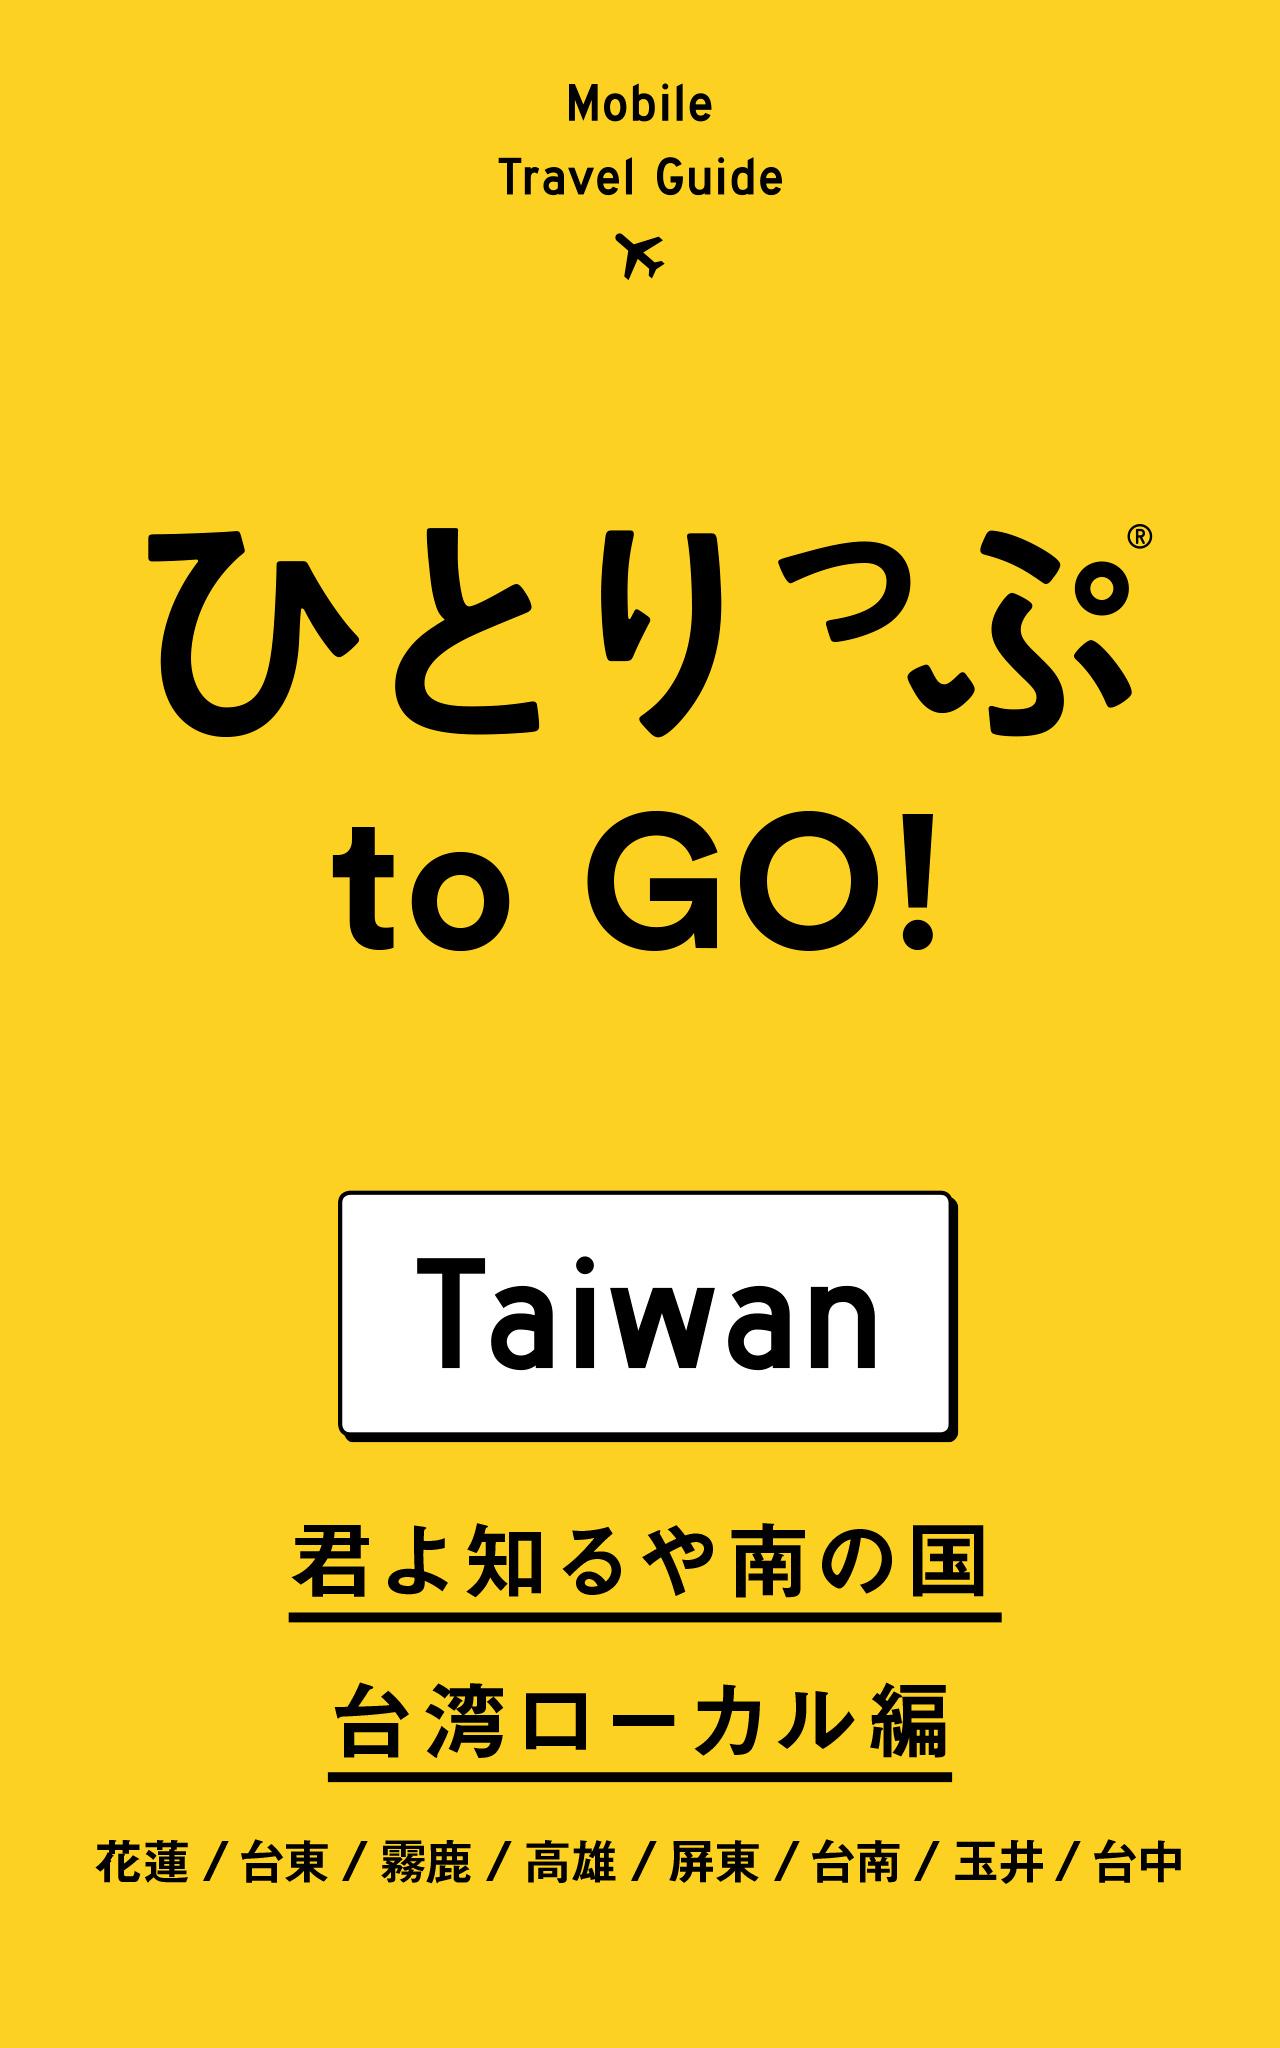 今日も世界のどこかでひとりっぷ®︎ to GO! 君よ知るや南の国 台湾ローカル編